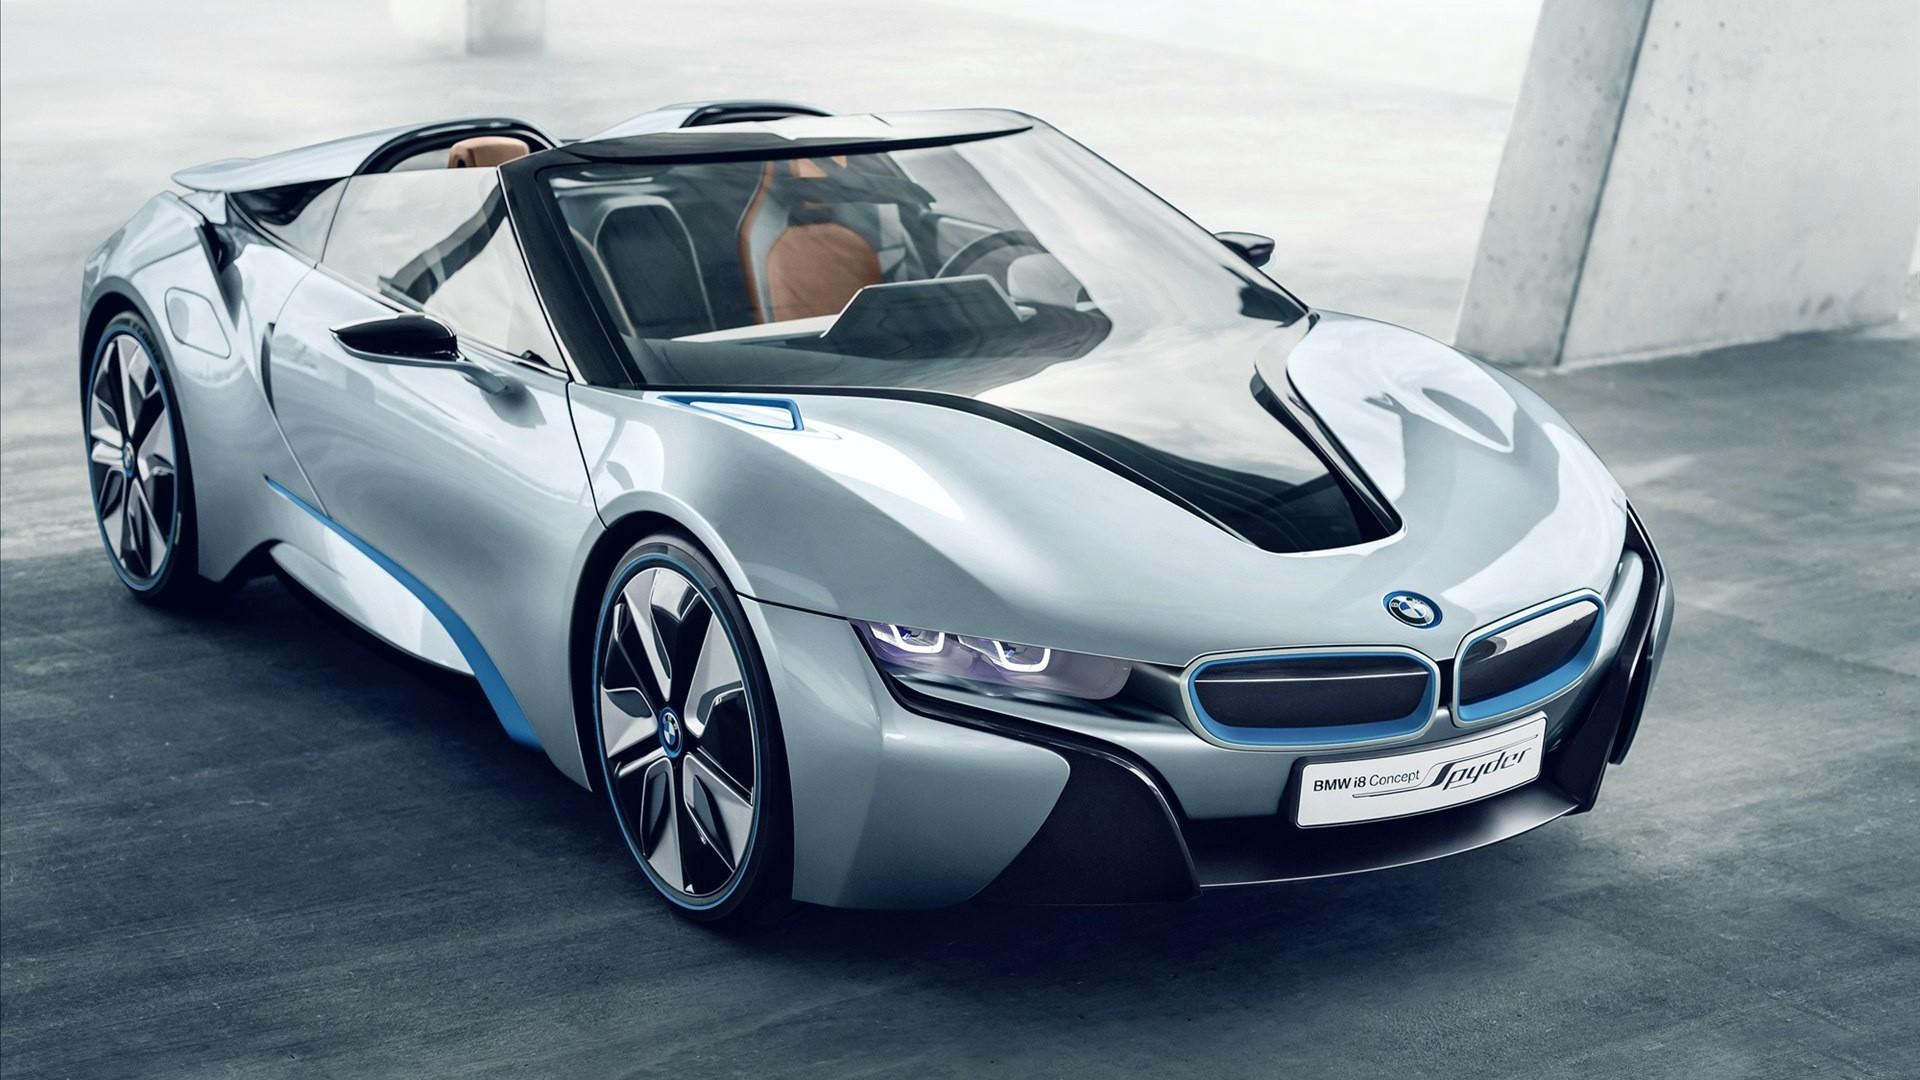 2014-bmw-i3_100435136_l 1917567 BMW_HQ-Wallpaper original_bmw-new-cars ...